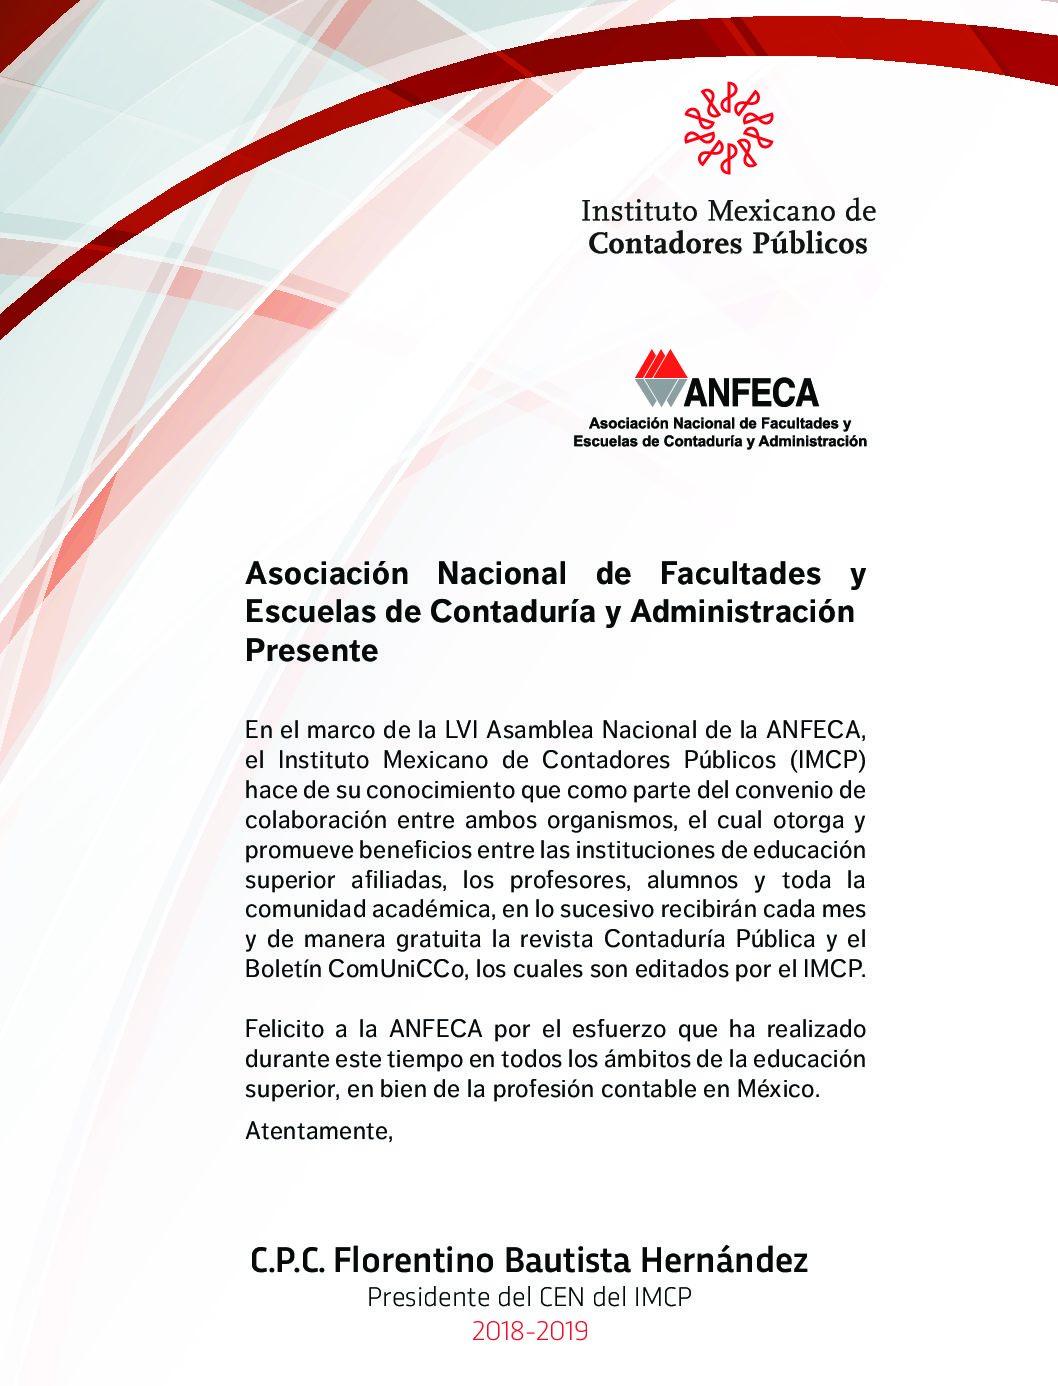 Boletín ComUniCCo Financiero 2019 – No. 127